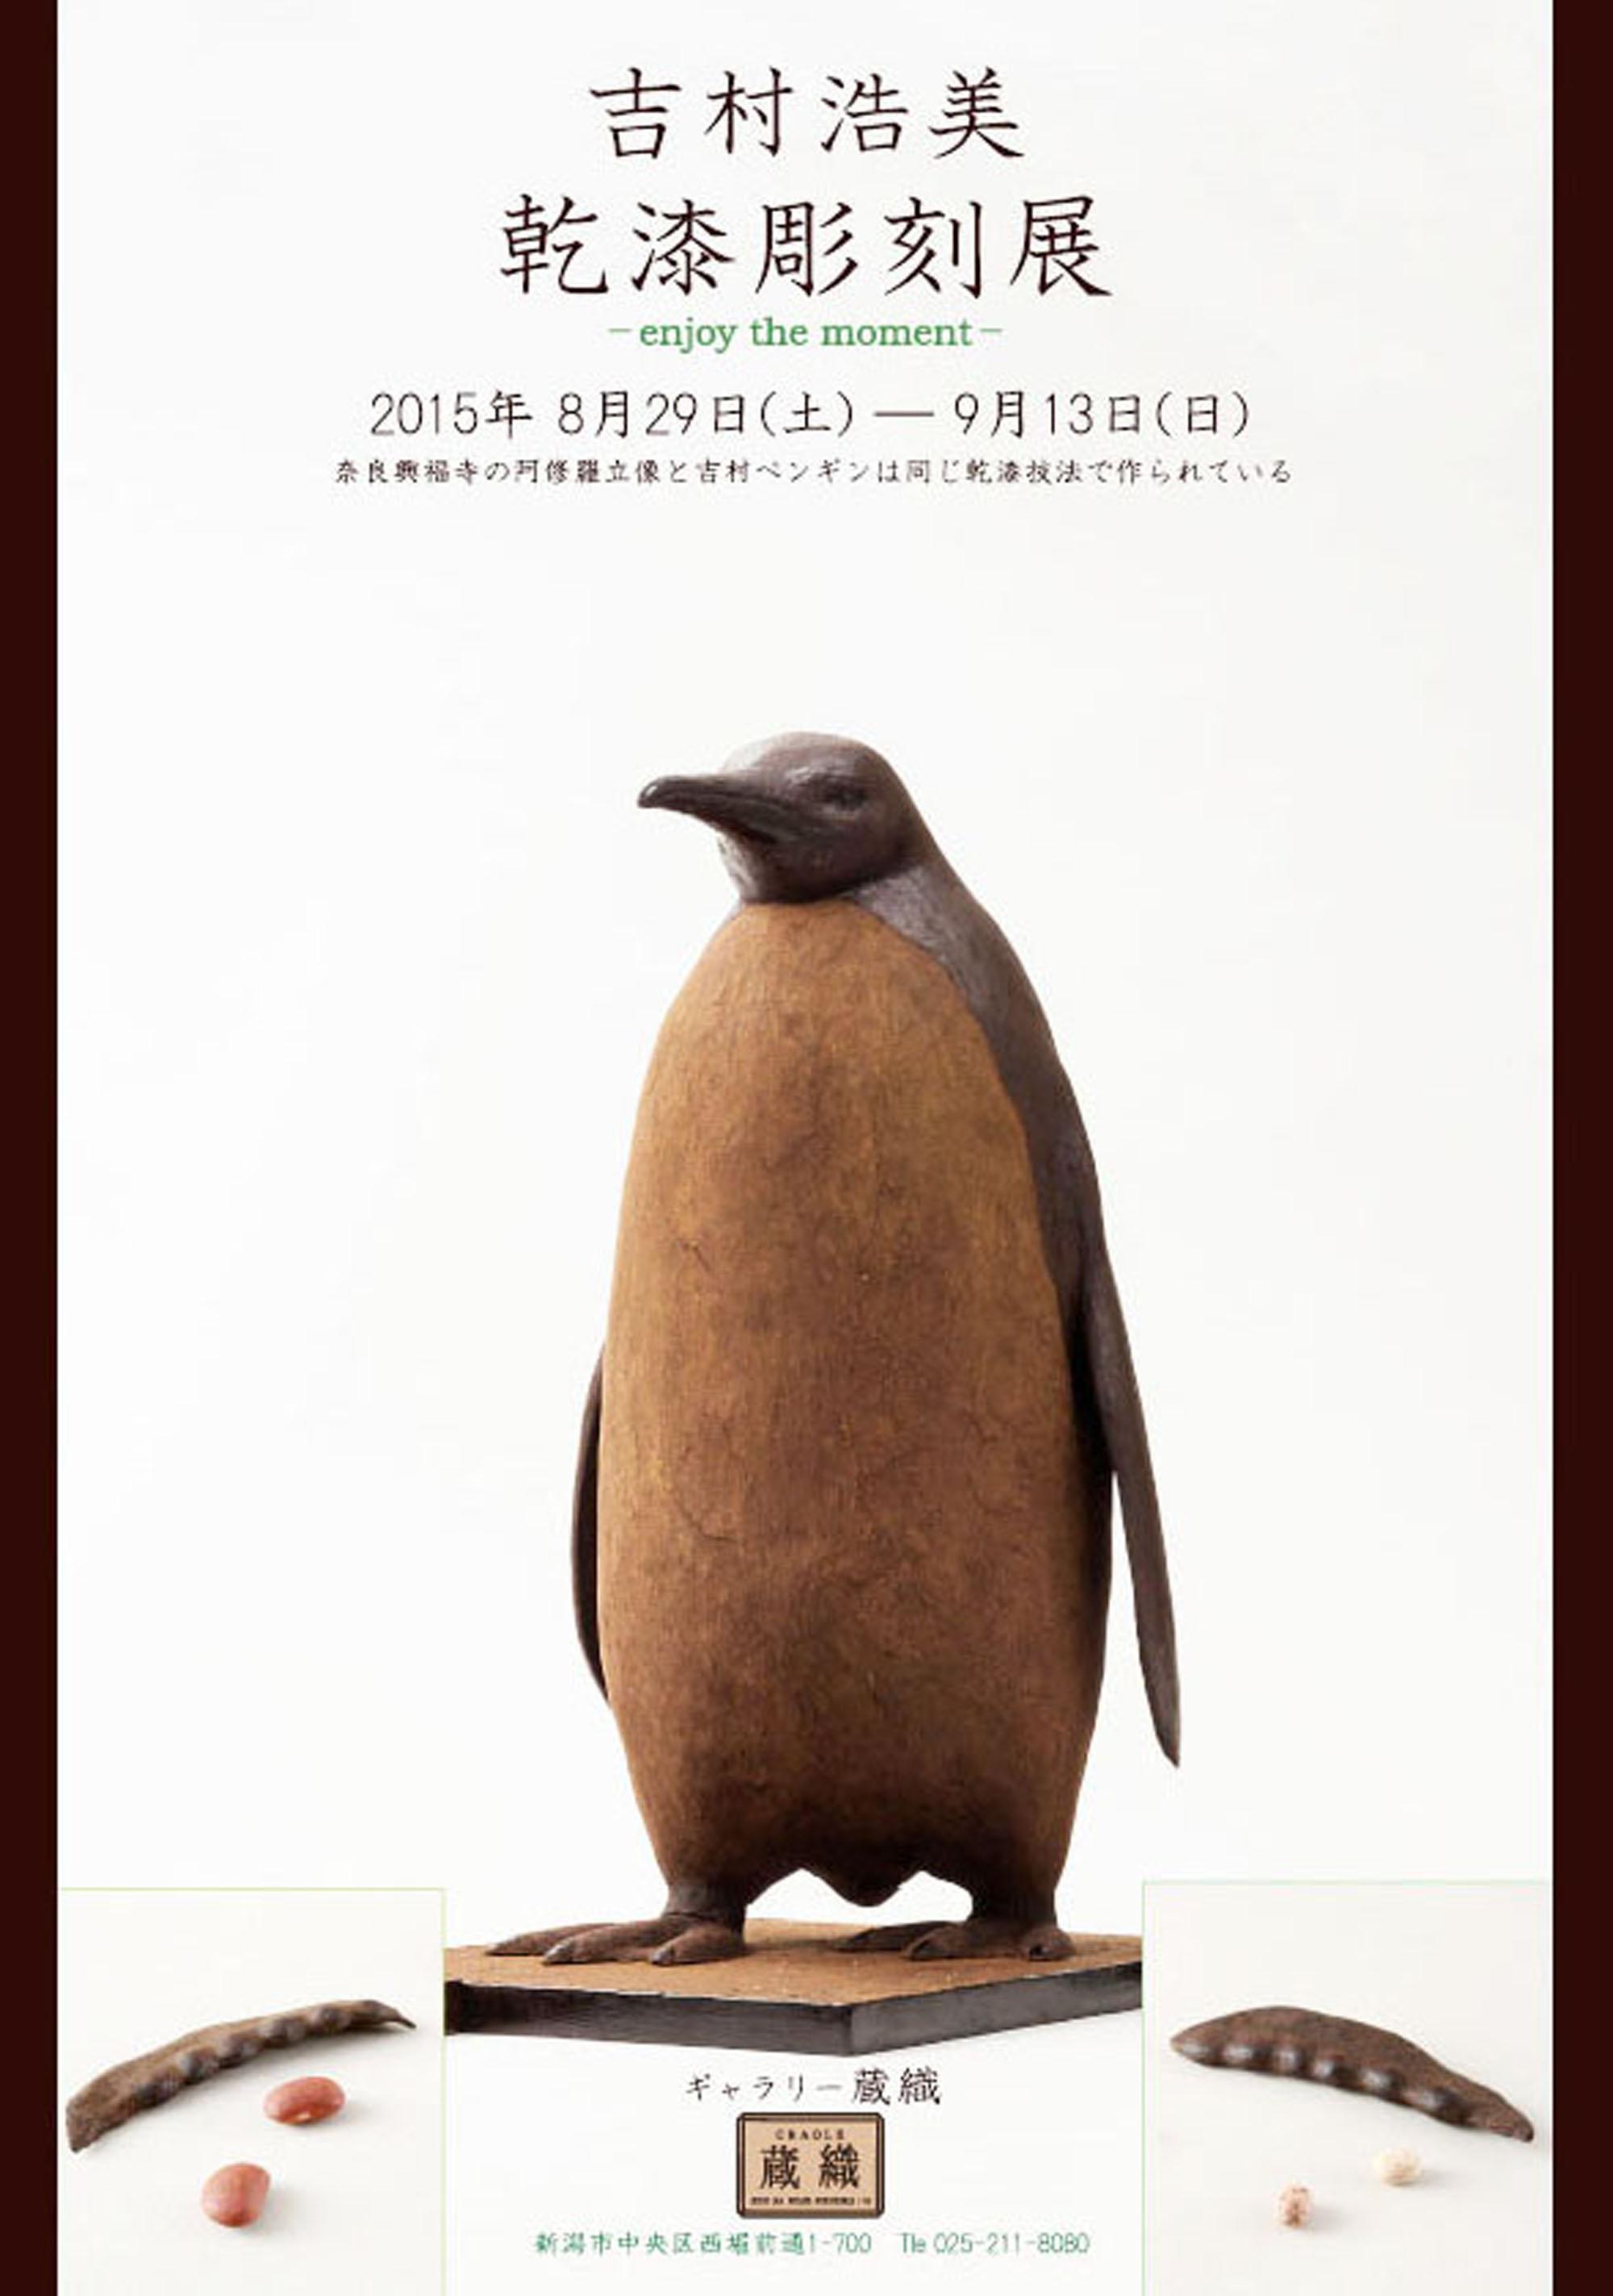 吉村浩美・乾漆彫刻展のフライヤー_d0178448_14475198.jpg